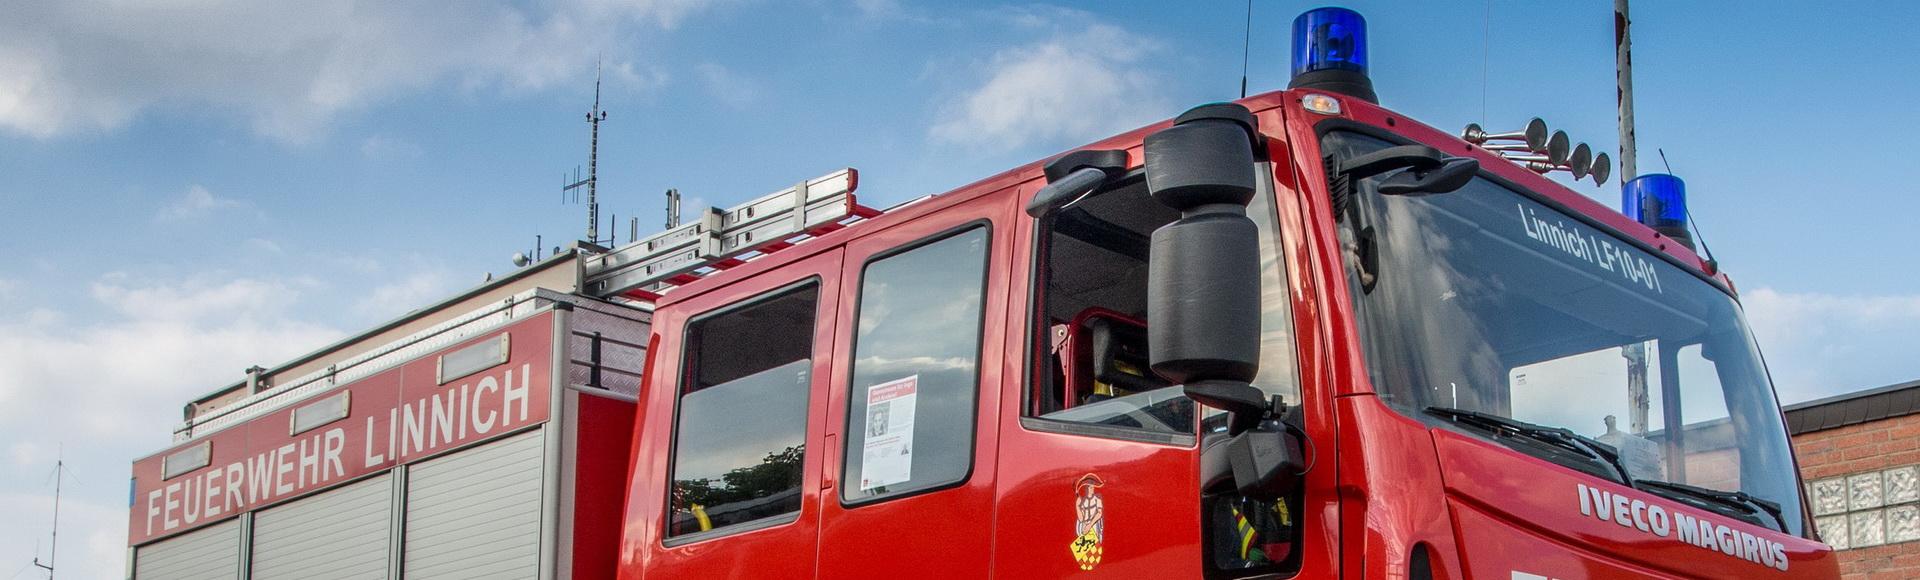 Infos zur Feuerwehr Linnich